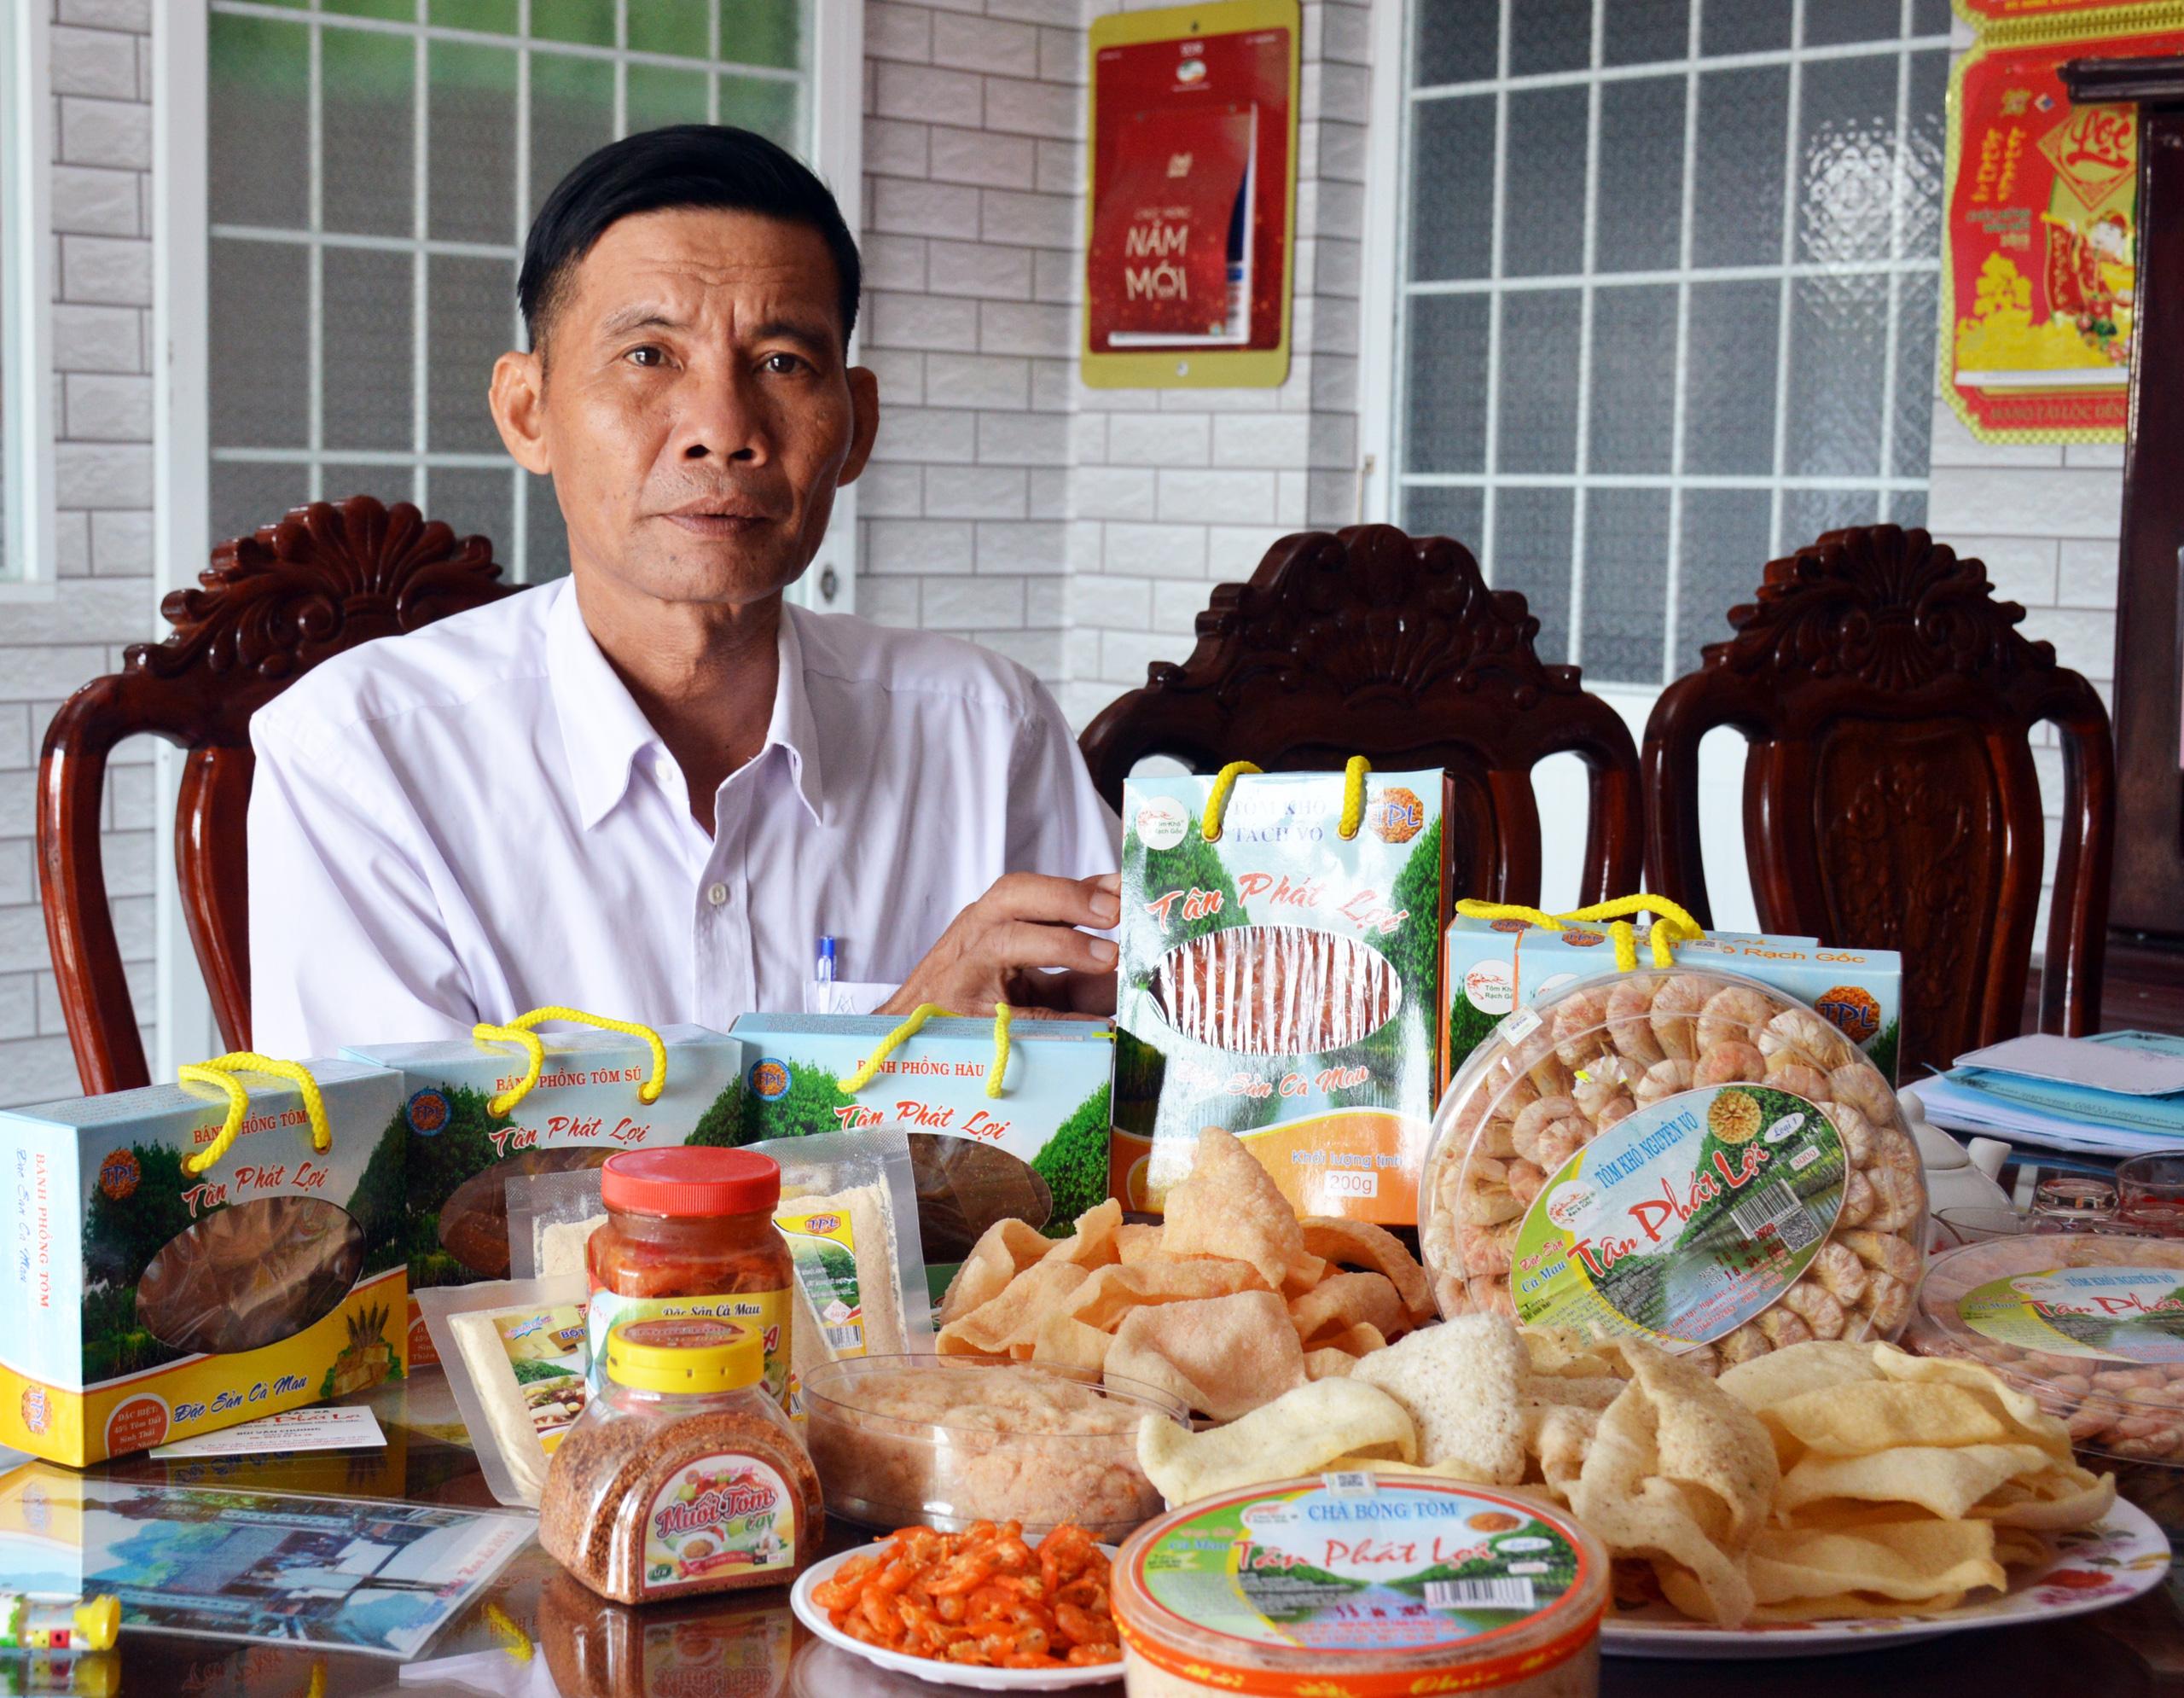 Đặc sản Cà Mau lên ngôi nhờ hình thức bán hàng online - Ảnh 4.